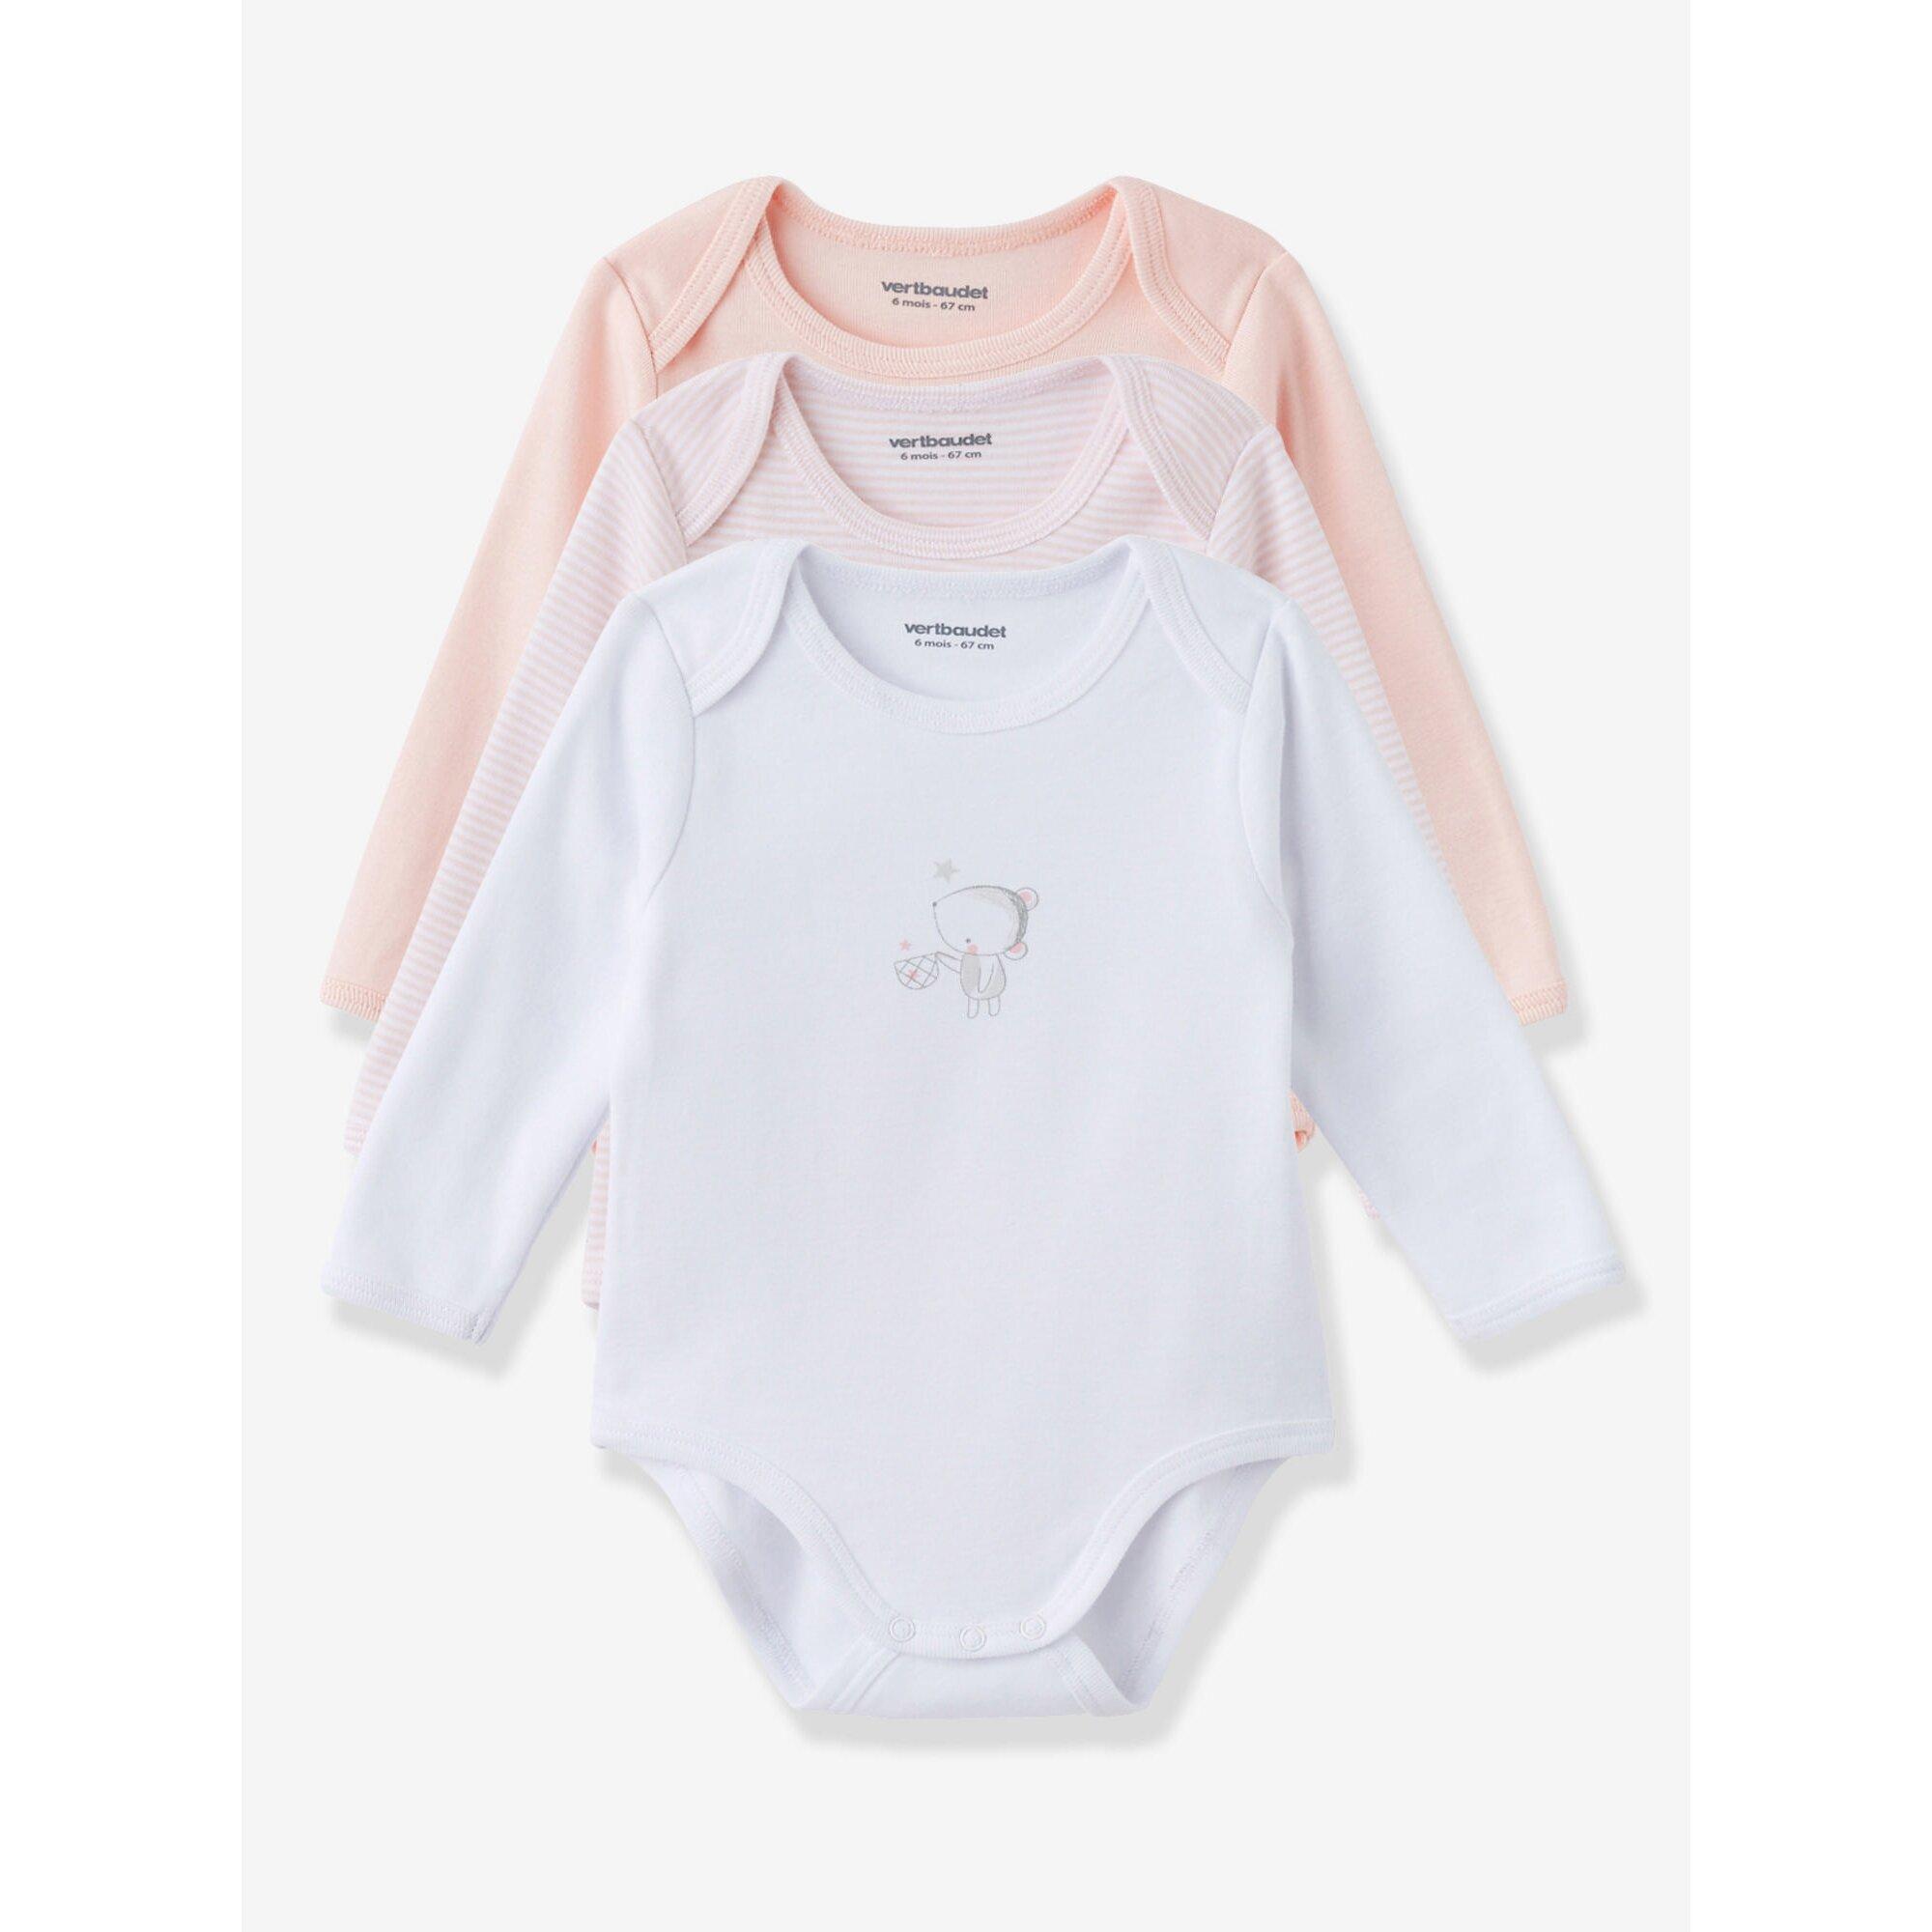 vertbaudet-3er-pack-langarmelige-bodys-fur-babys